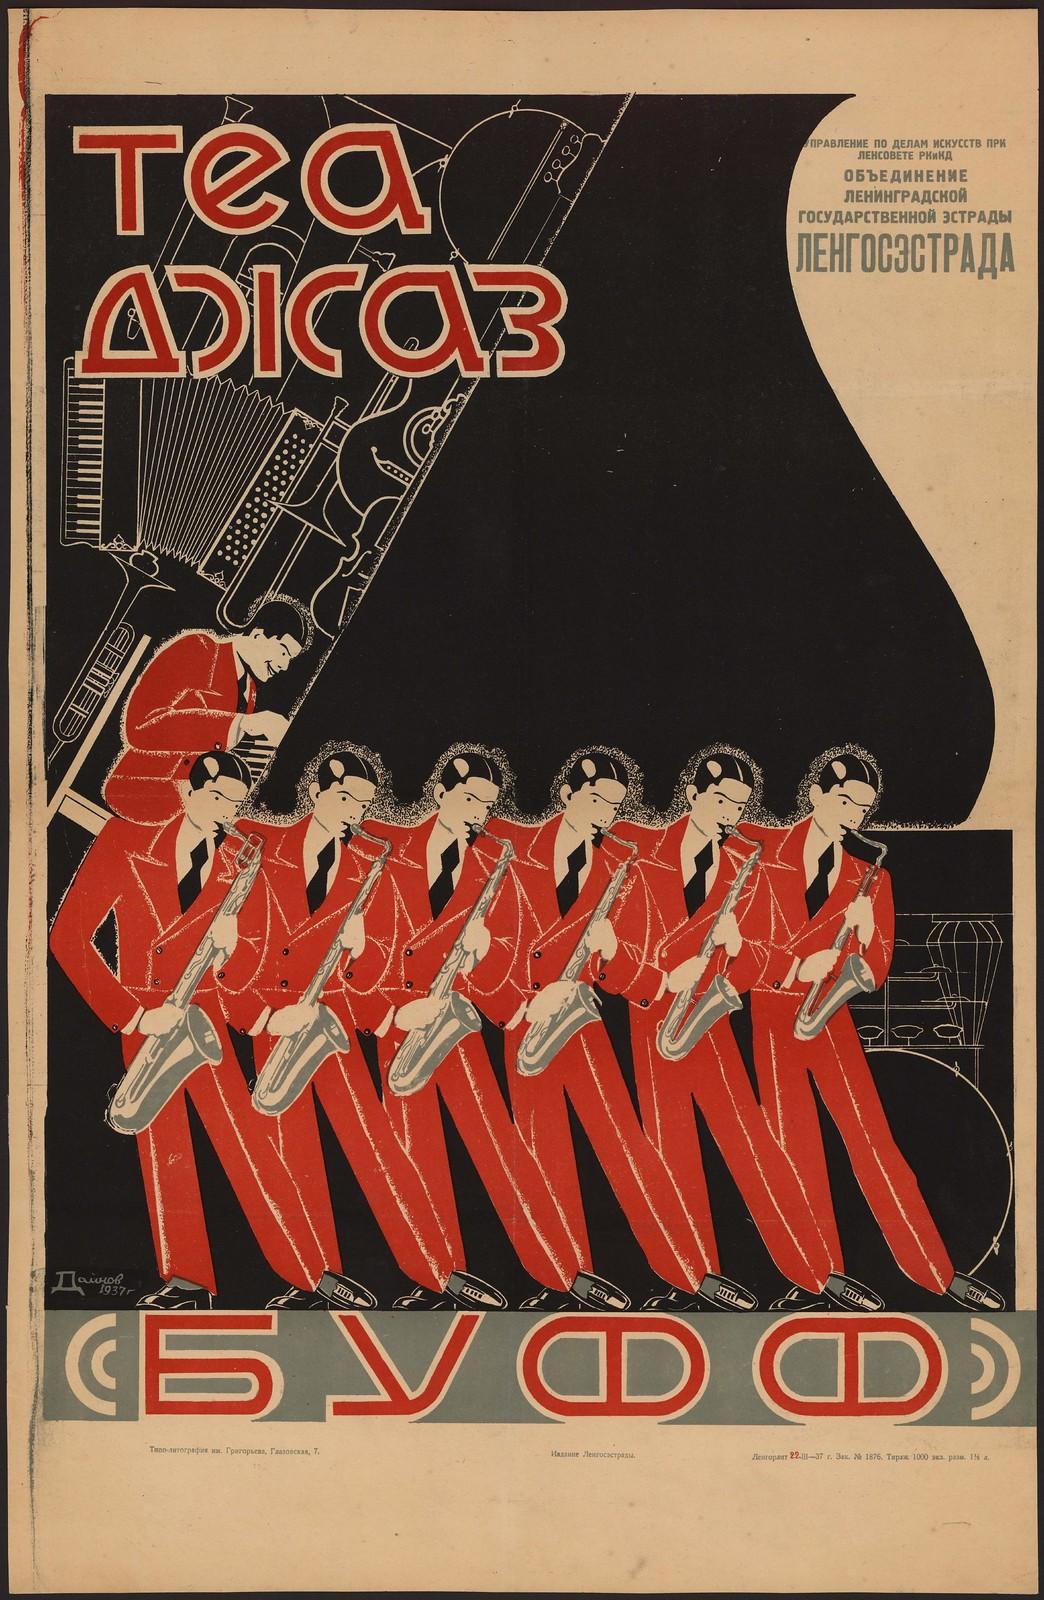 1937. Буфф. Теа джаз